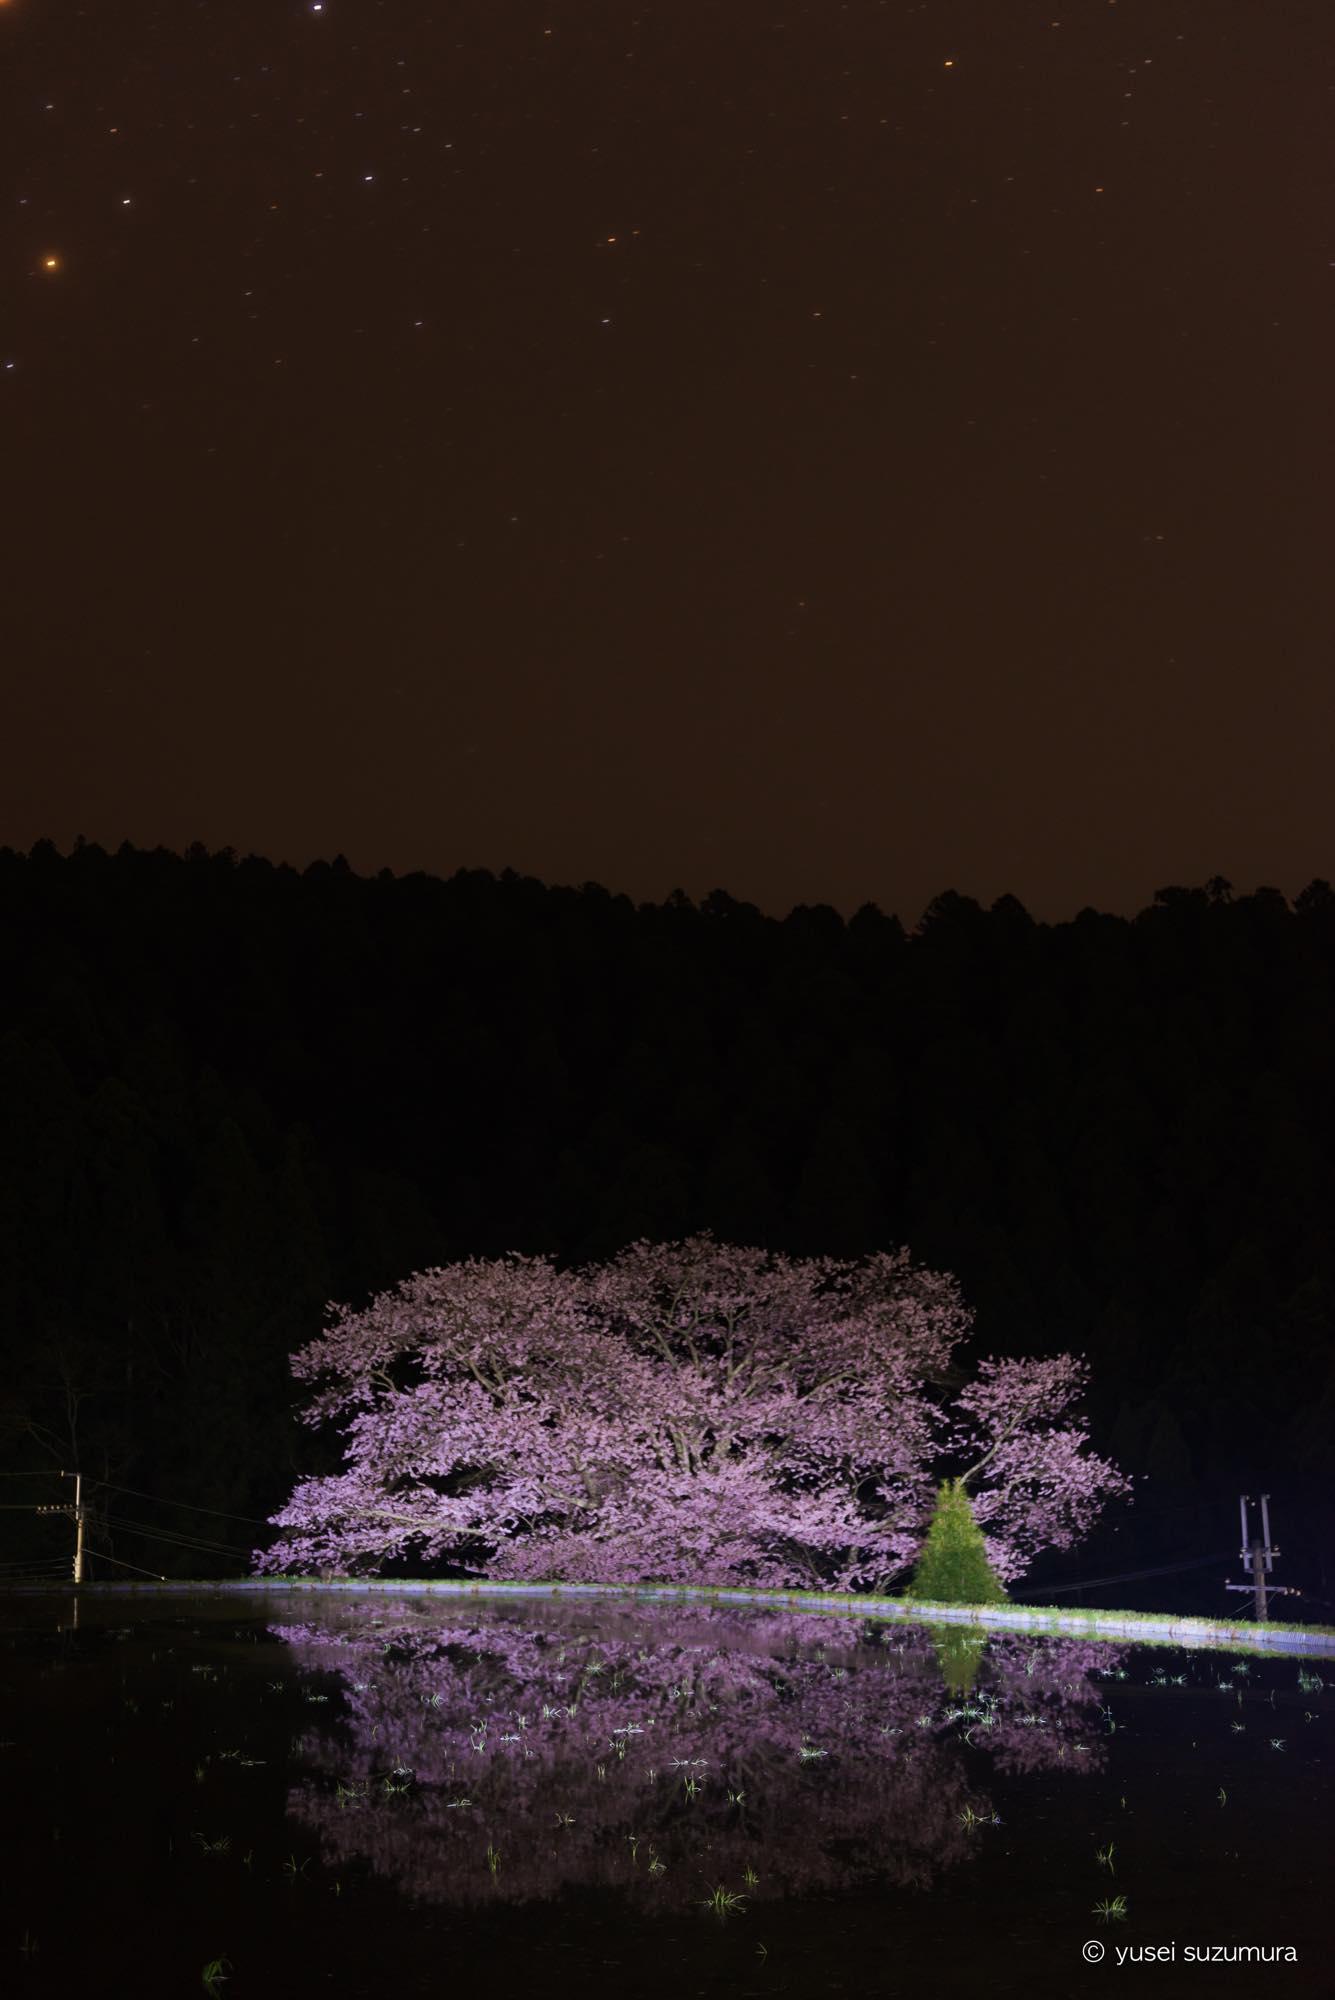 諸木野の桜 宇陀